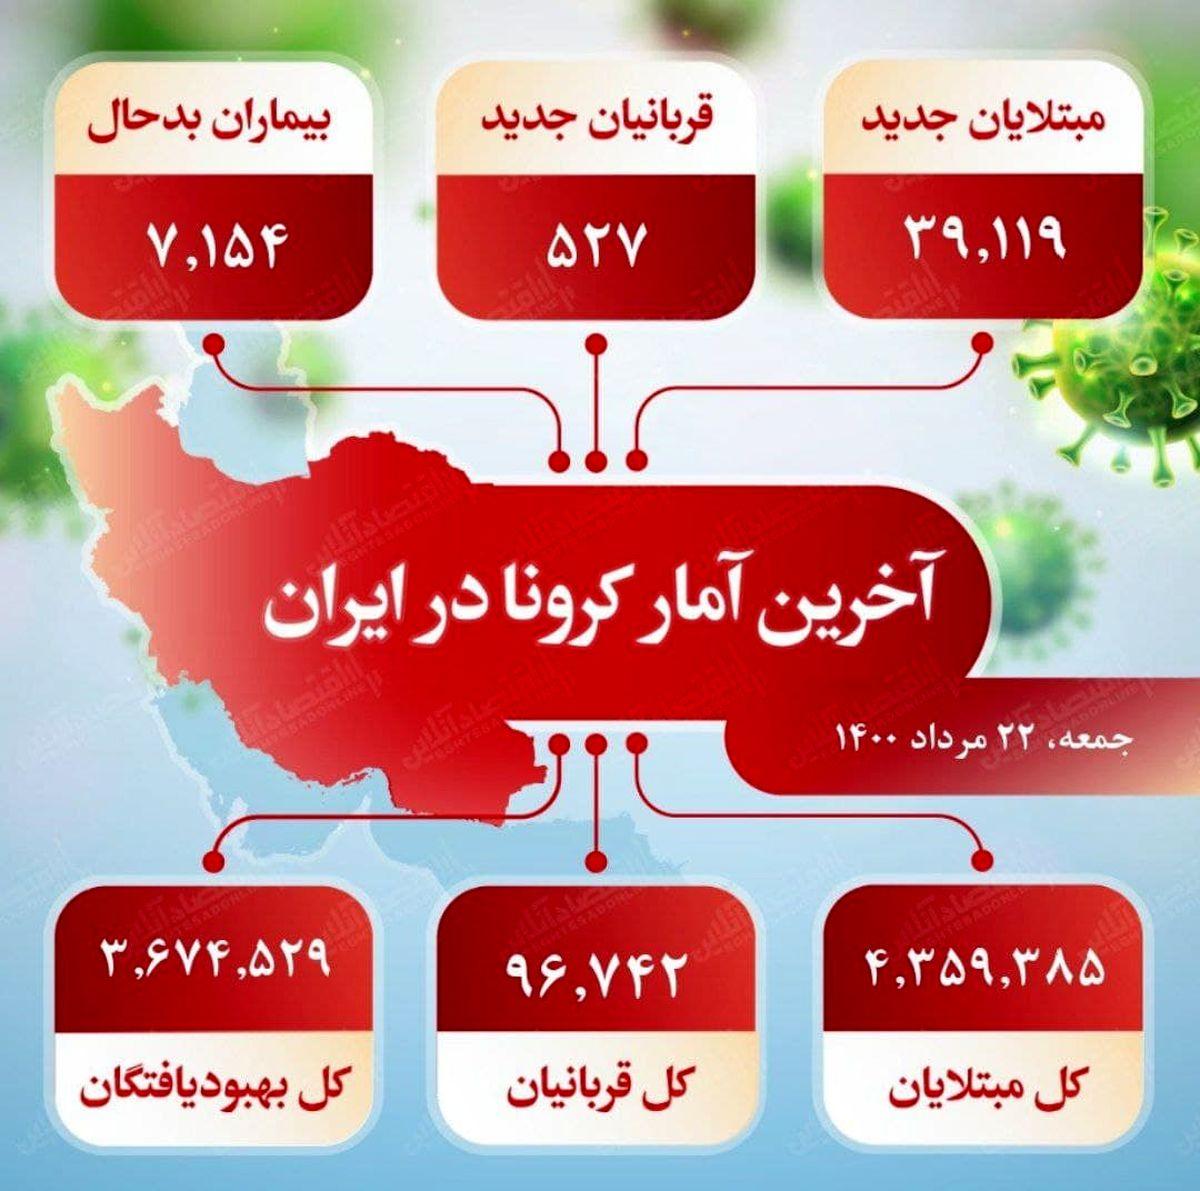 آخرین آمار کرونا در ایران (۱۴۰۰/۵/۲۲)